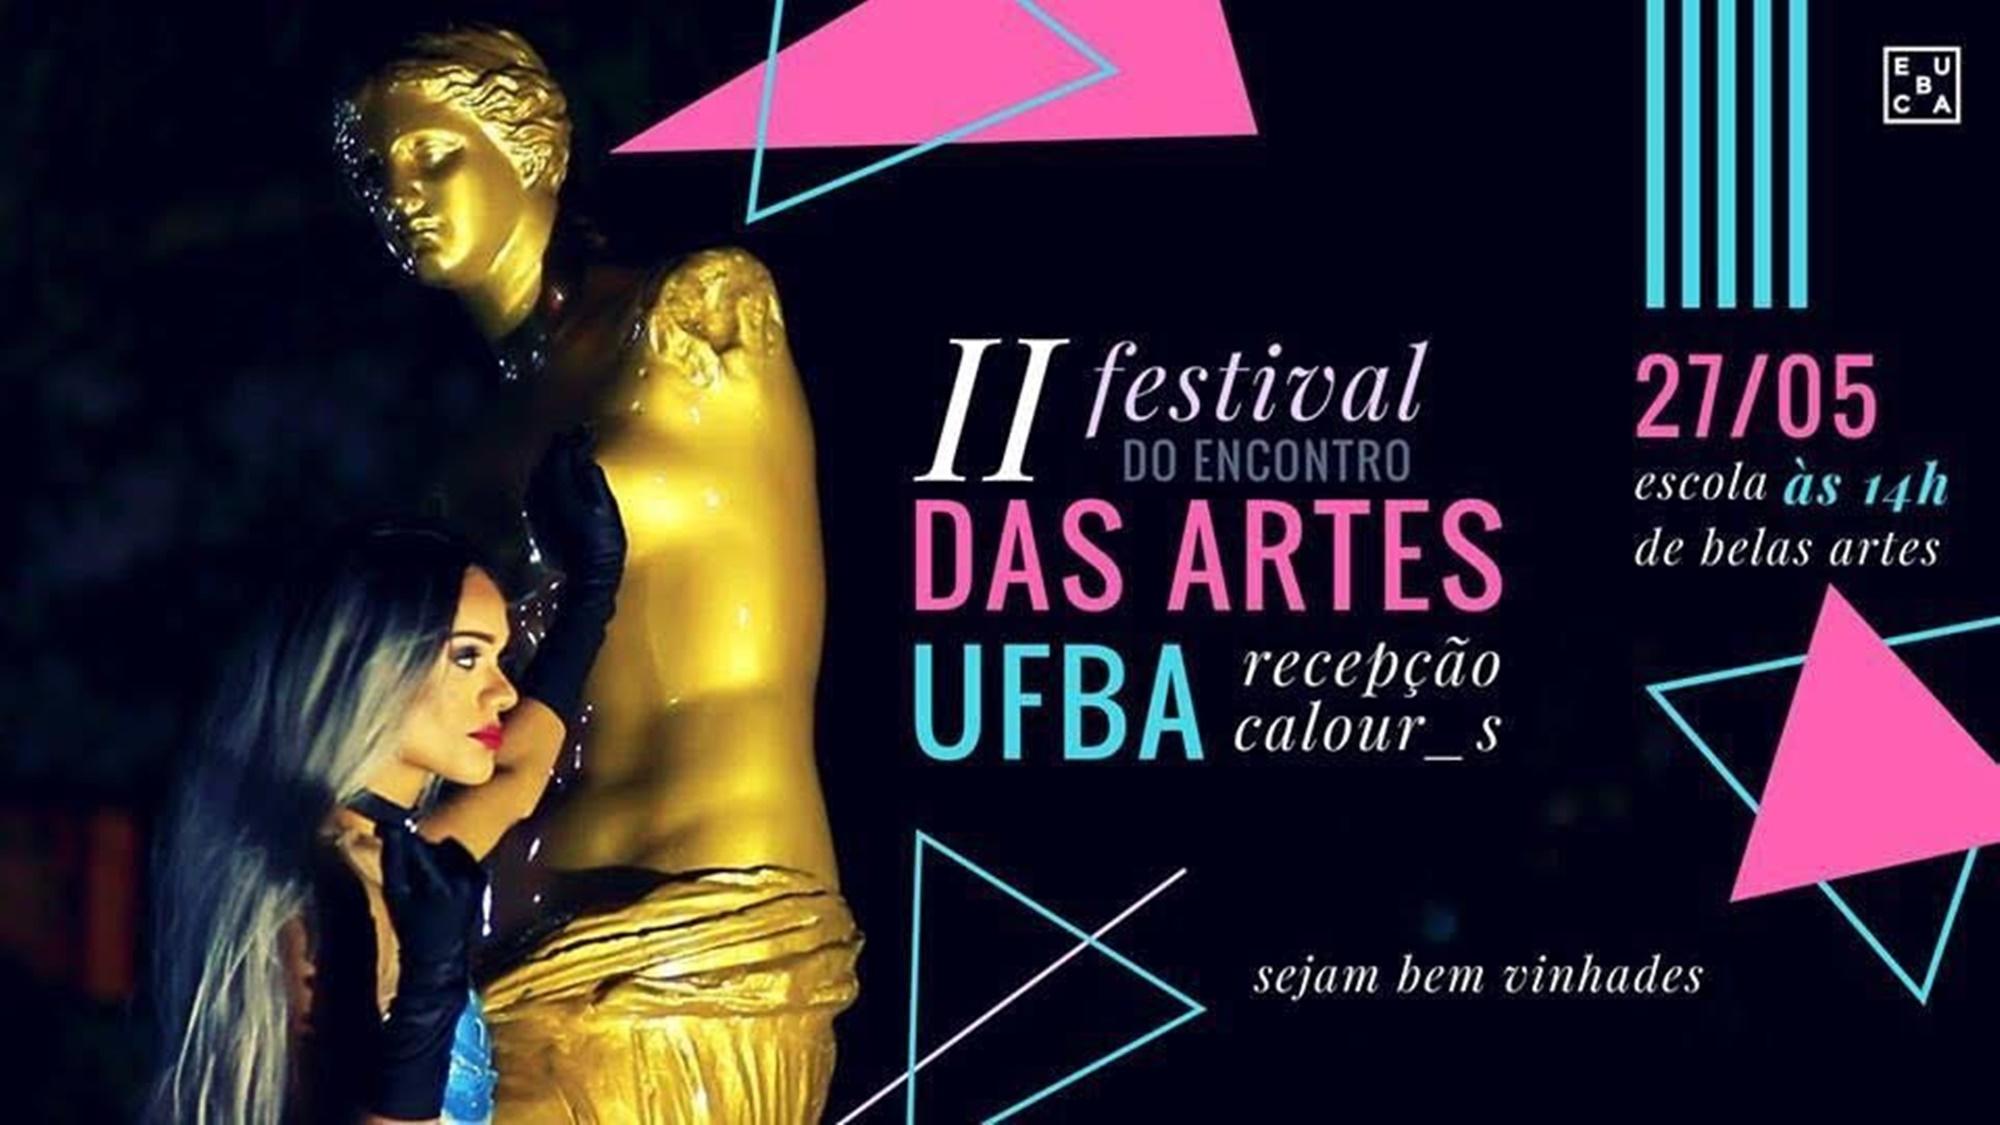 CAs & DAs de Teatro, Música, Belas Artes e B.I. em Artes Organizam o II Festival do Encontro de Artes  UFBA